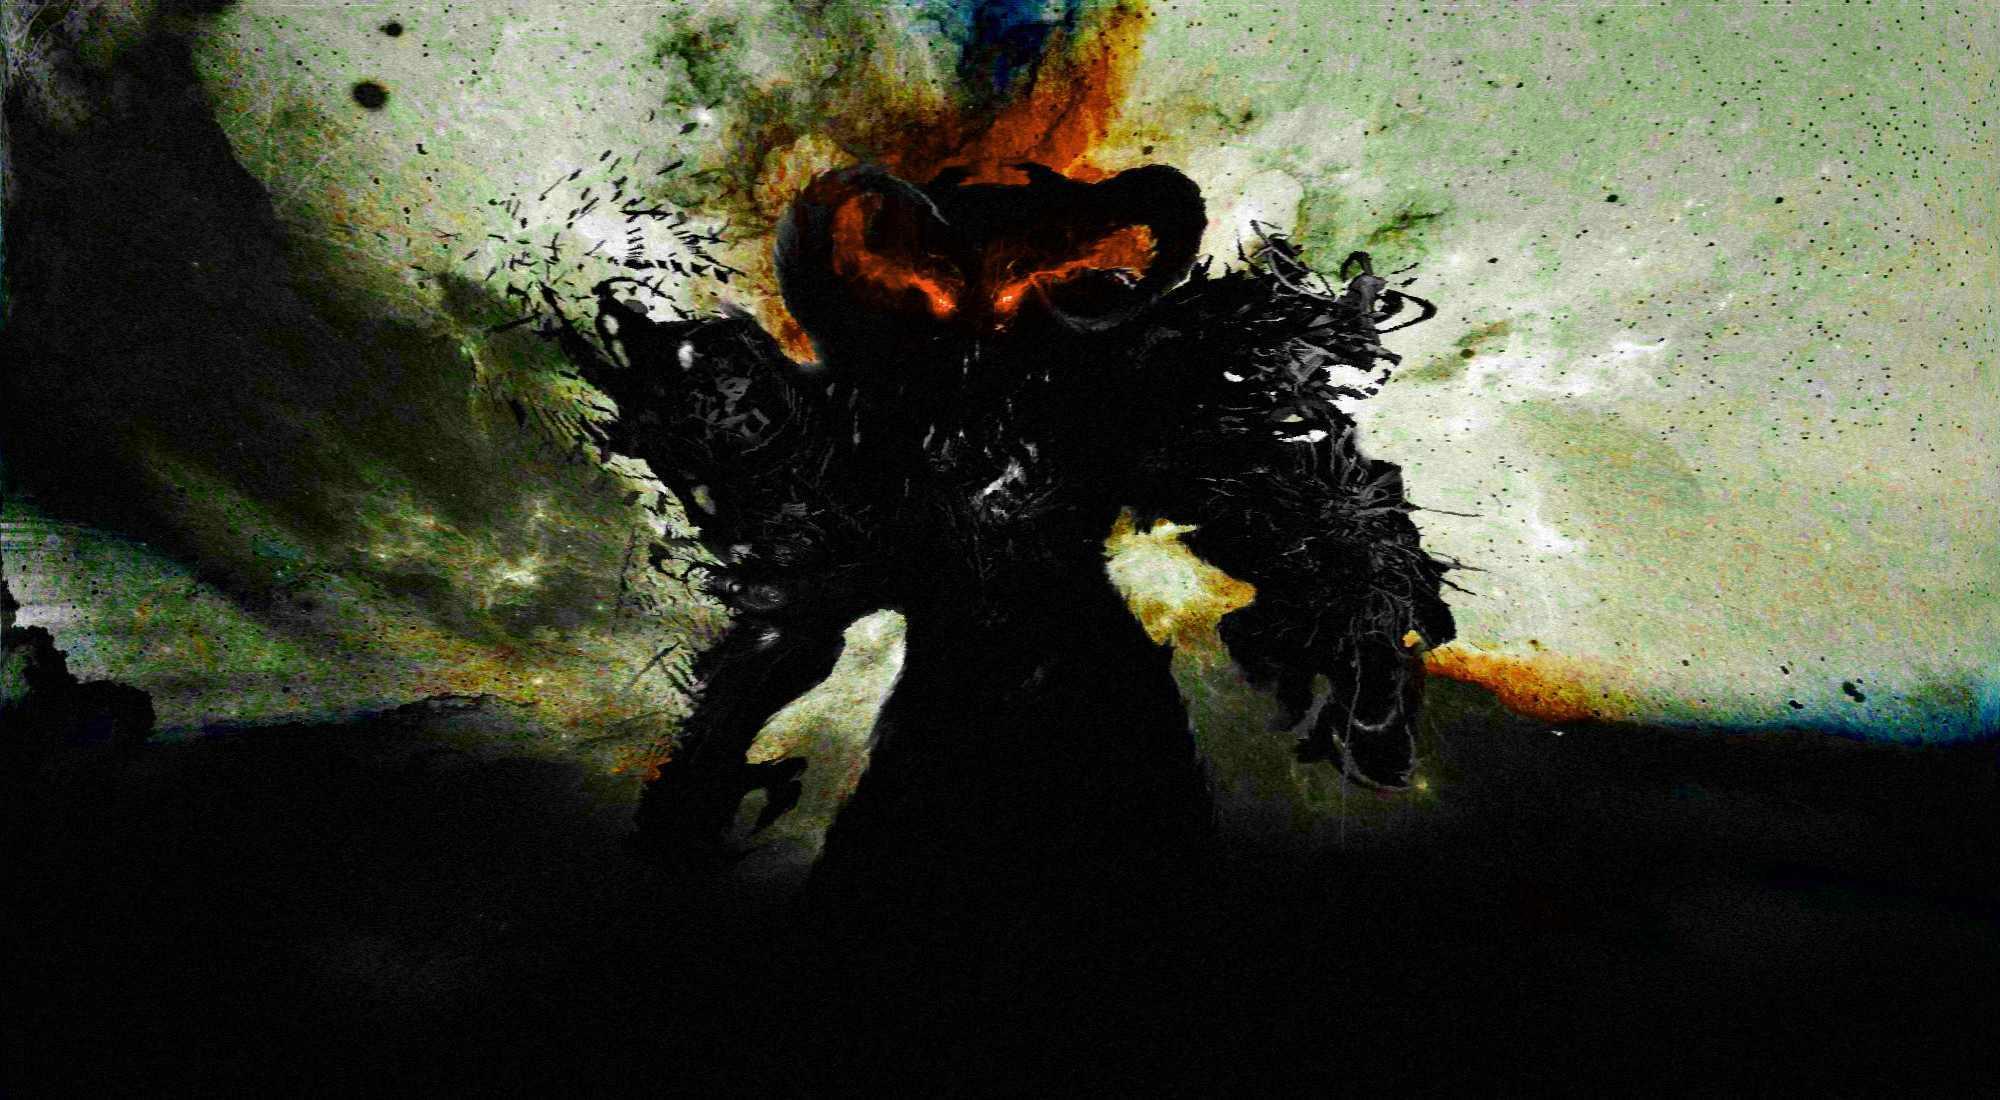 Тёмный силуэт. Чёрный демон. Осознанный сон с выходом в астрал. Пища астральной проекции